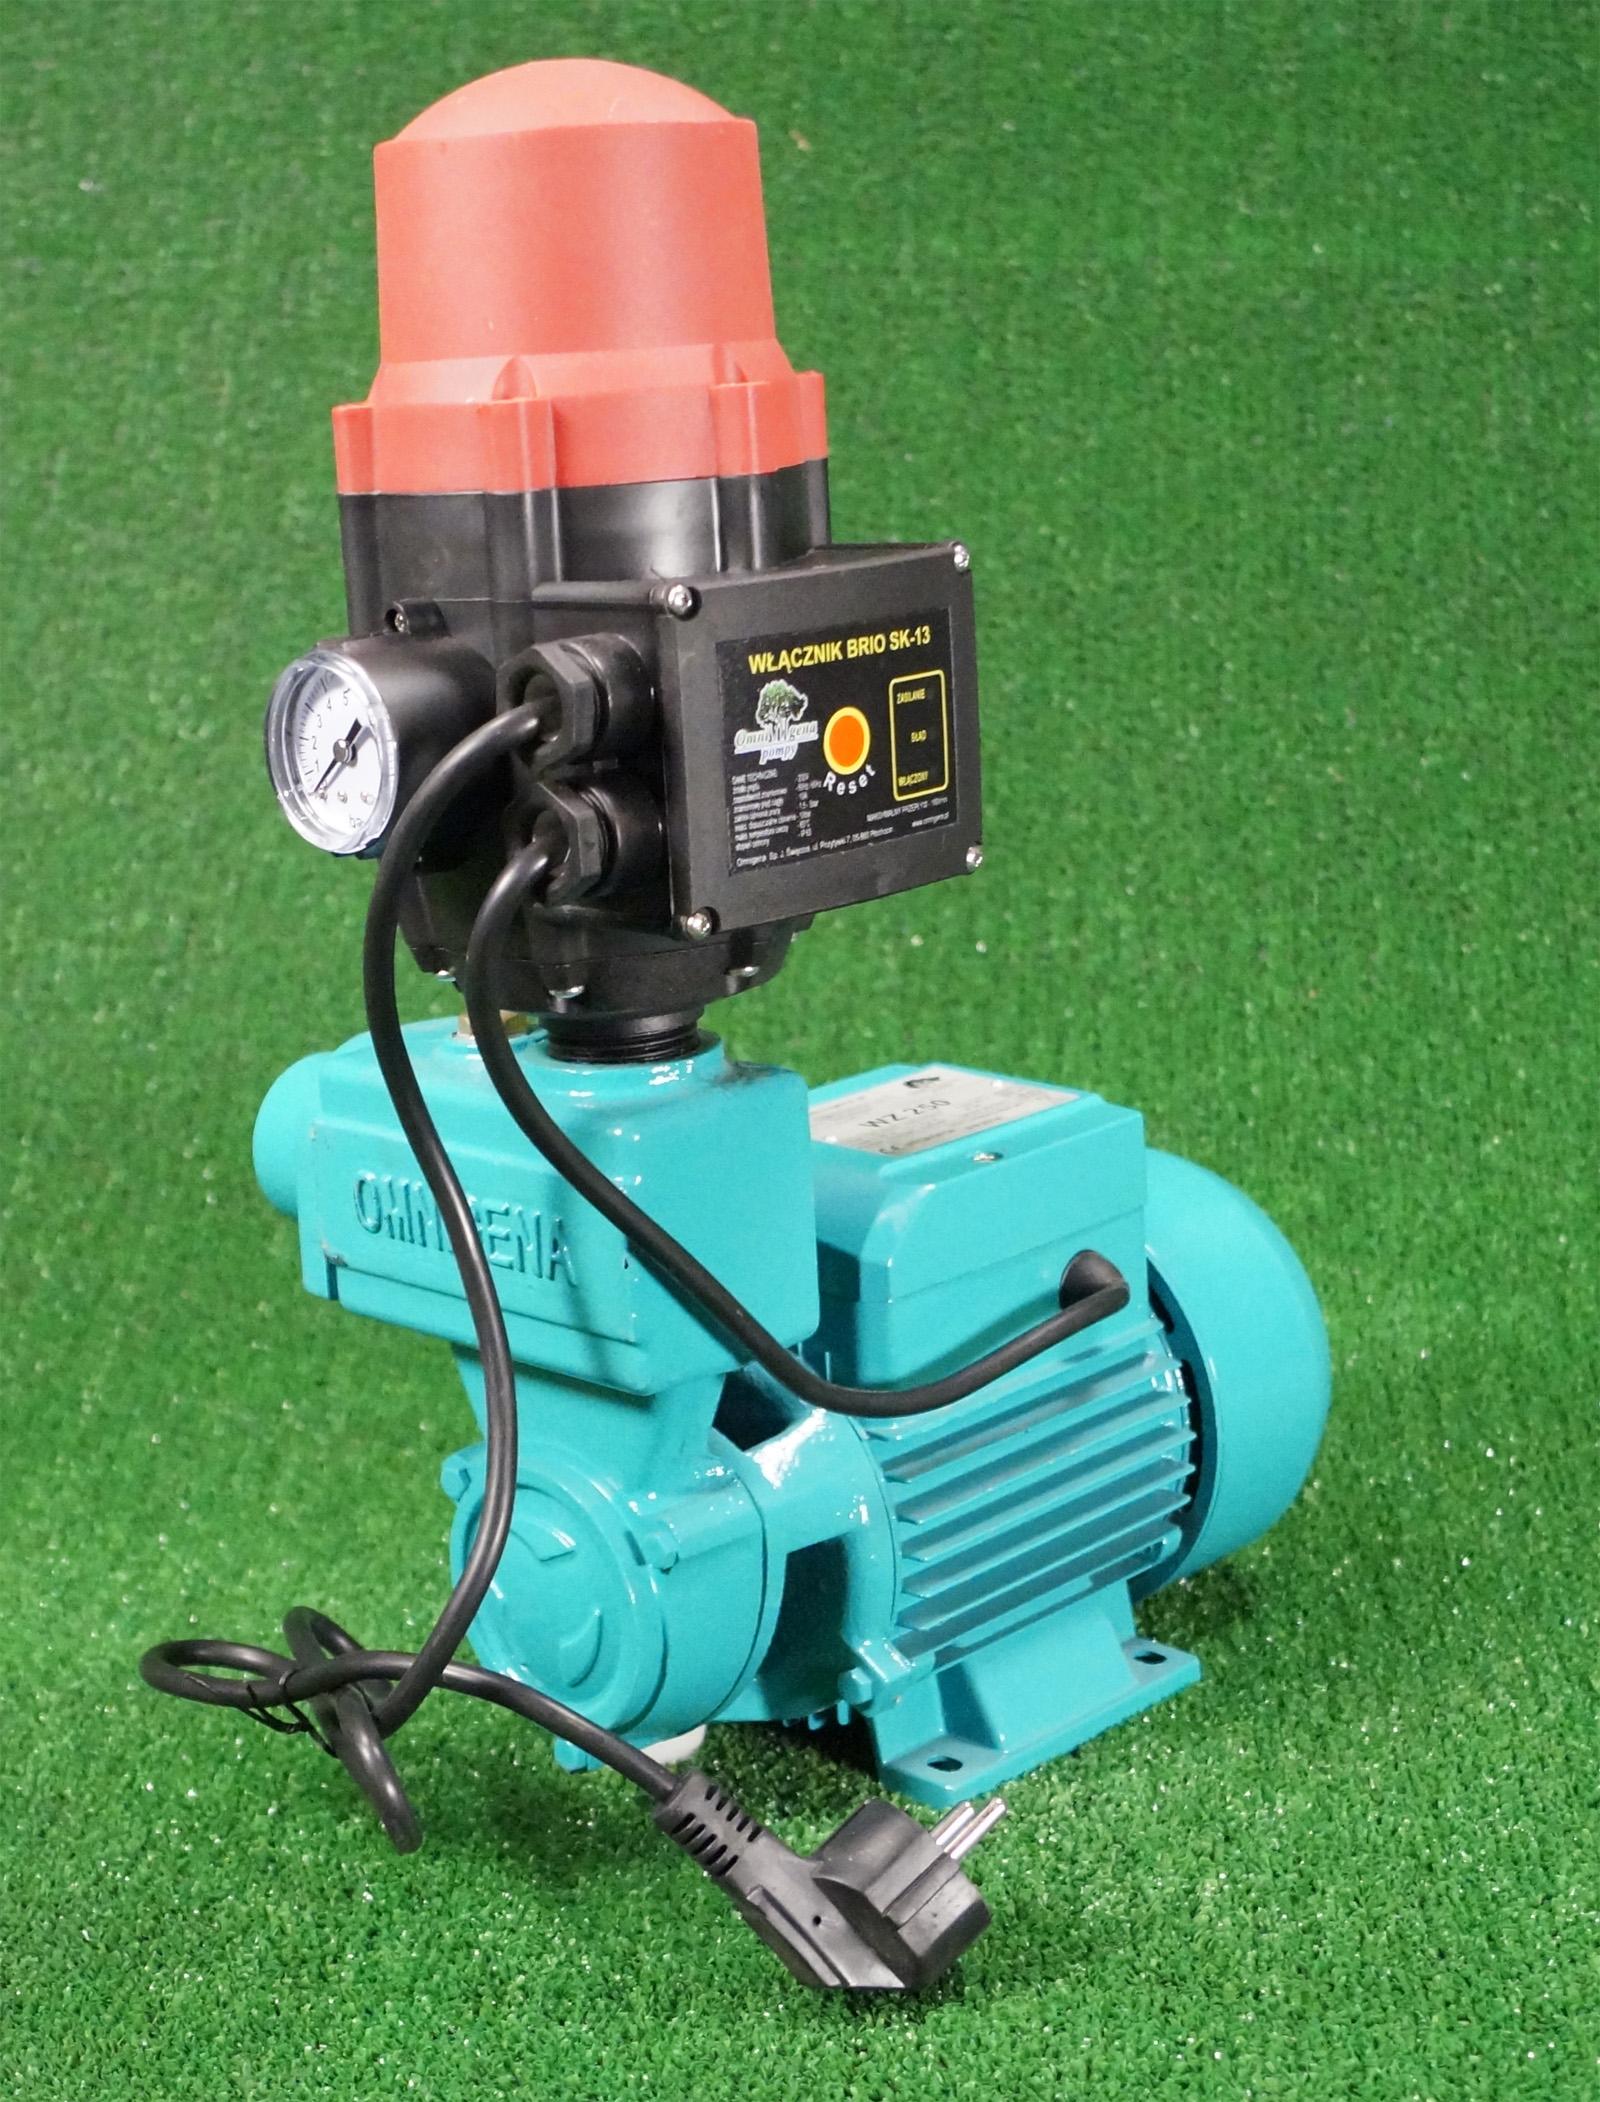 hauswasserautomat 250w mit gardenpumpe hauswasserwerk wasserpumpe pumpe 14 ebay. Black Bedroom Furniture Sets. Home Design Ideas